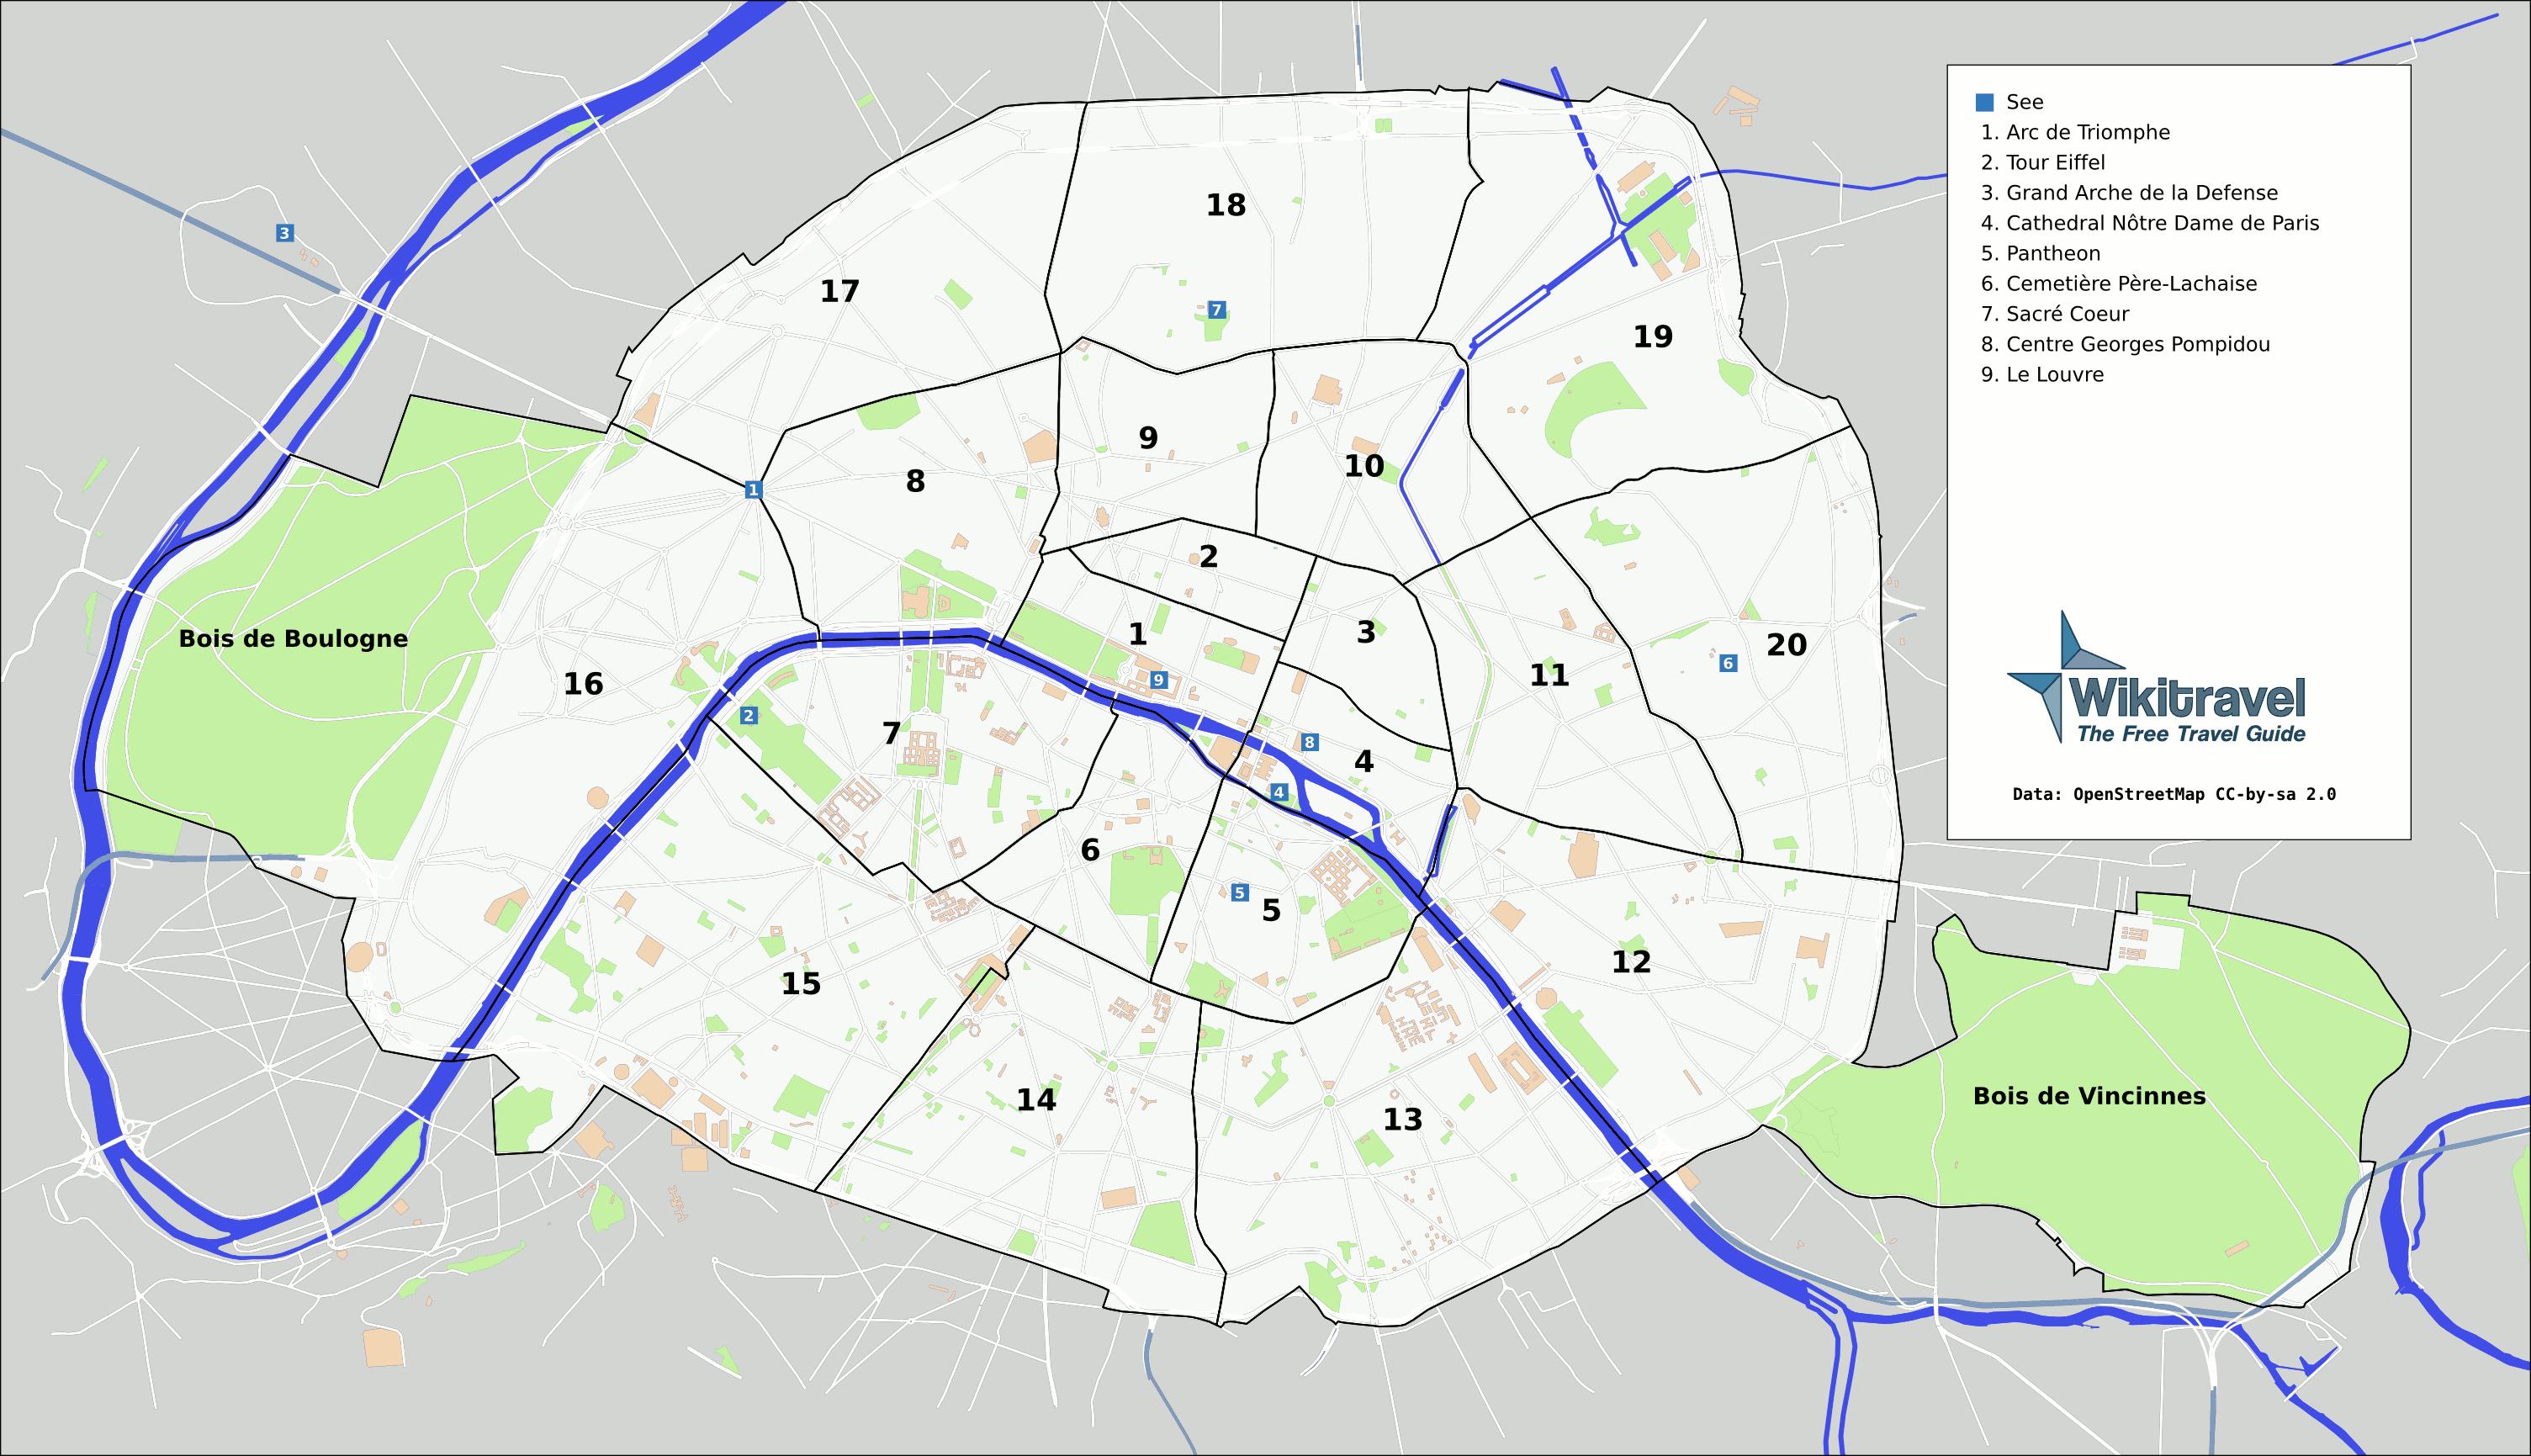 Die restriktionen w rden in den arrondissements 1 2 3 und 4 implementiert werden karte mark jaroski f r wikitravel cc sa 1 0